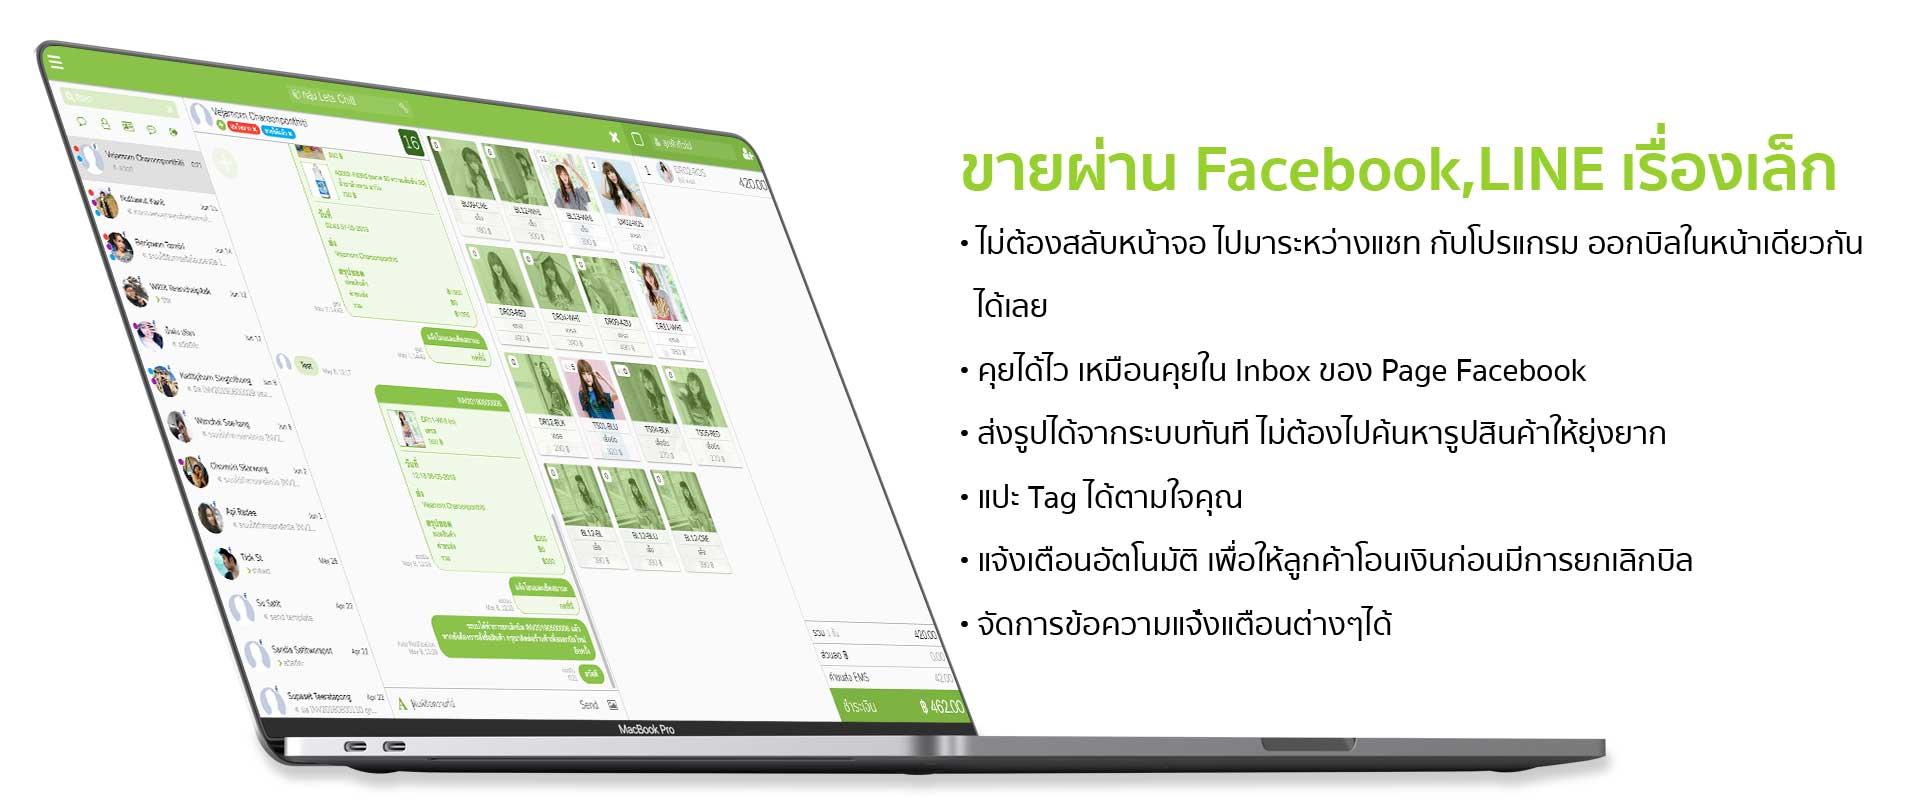 ขายออนไลน์ผ่าน Facebook และ LINE